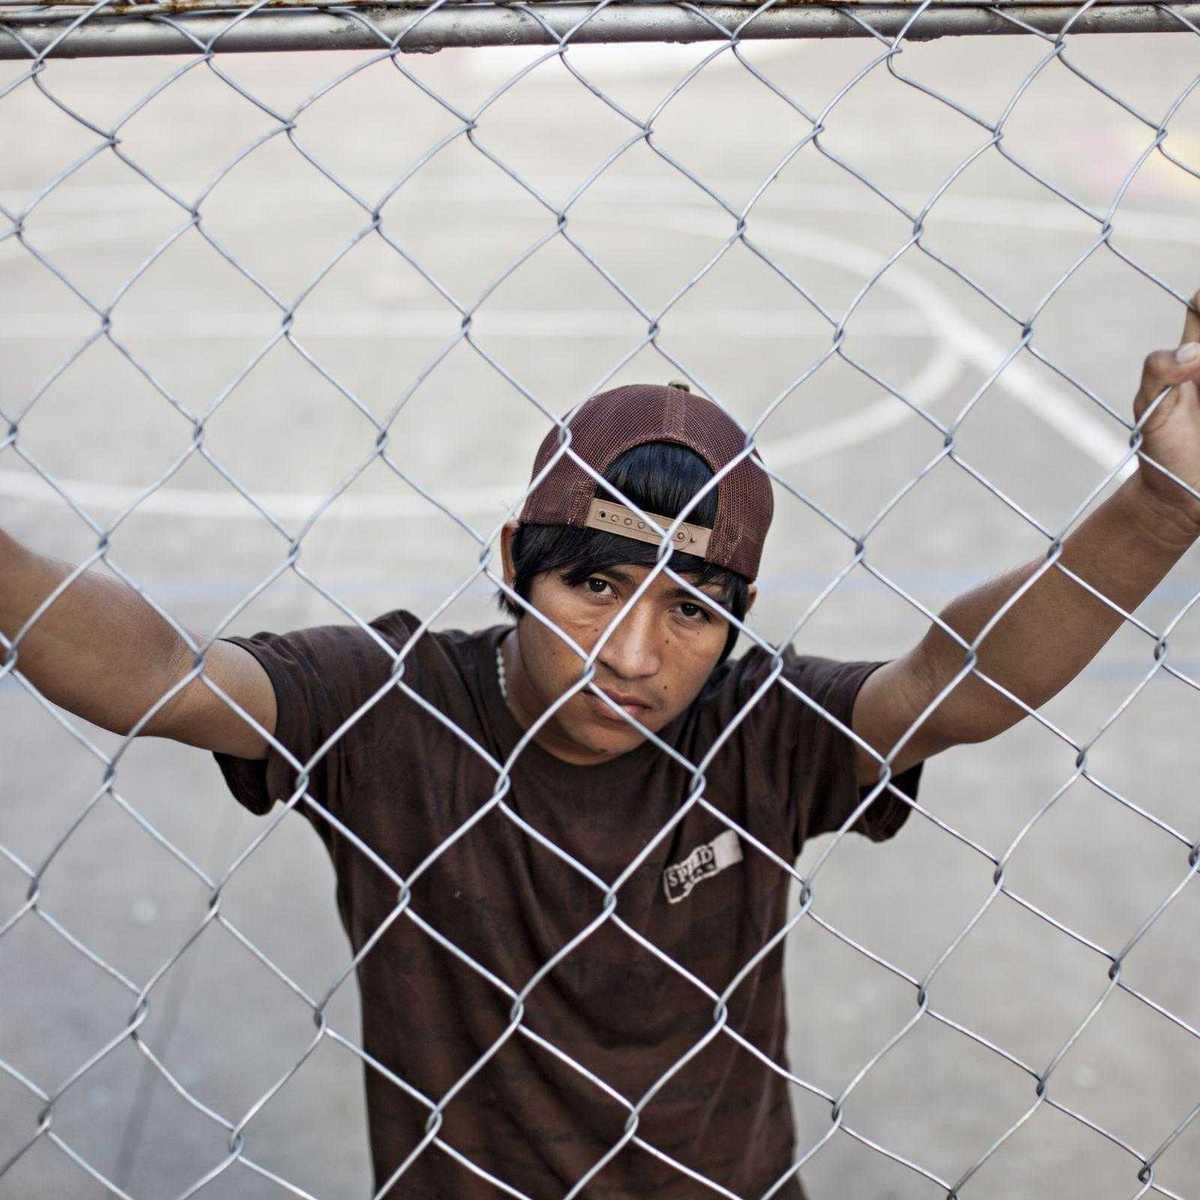 Straßenkind in Bolivien steht hinter einem Zaun